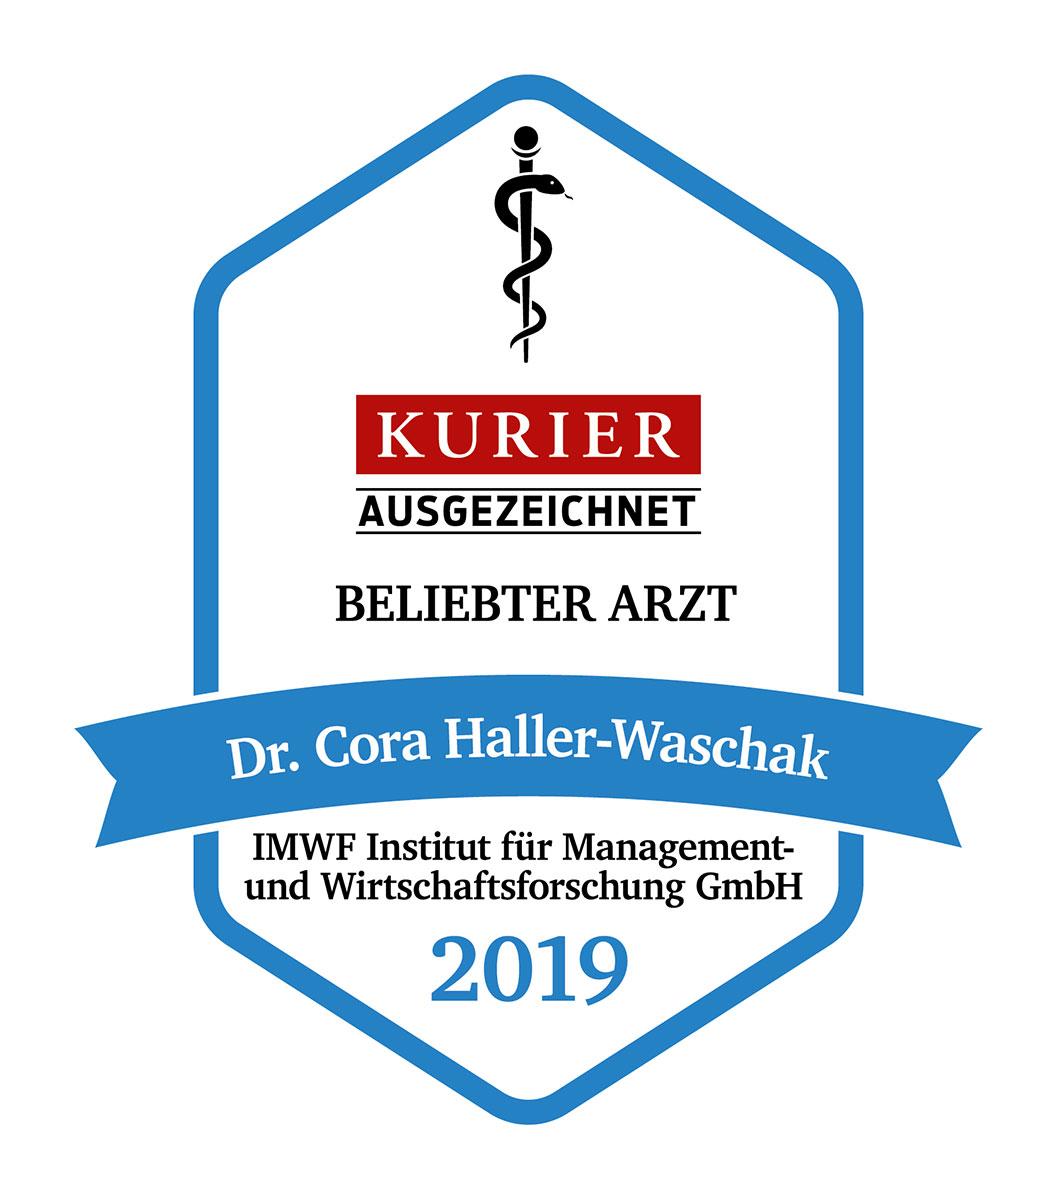 Zahnärztin Ordination Dr. Cora Haller-Waschak